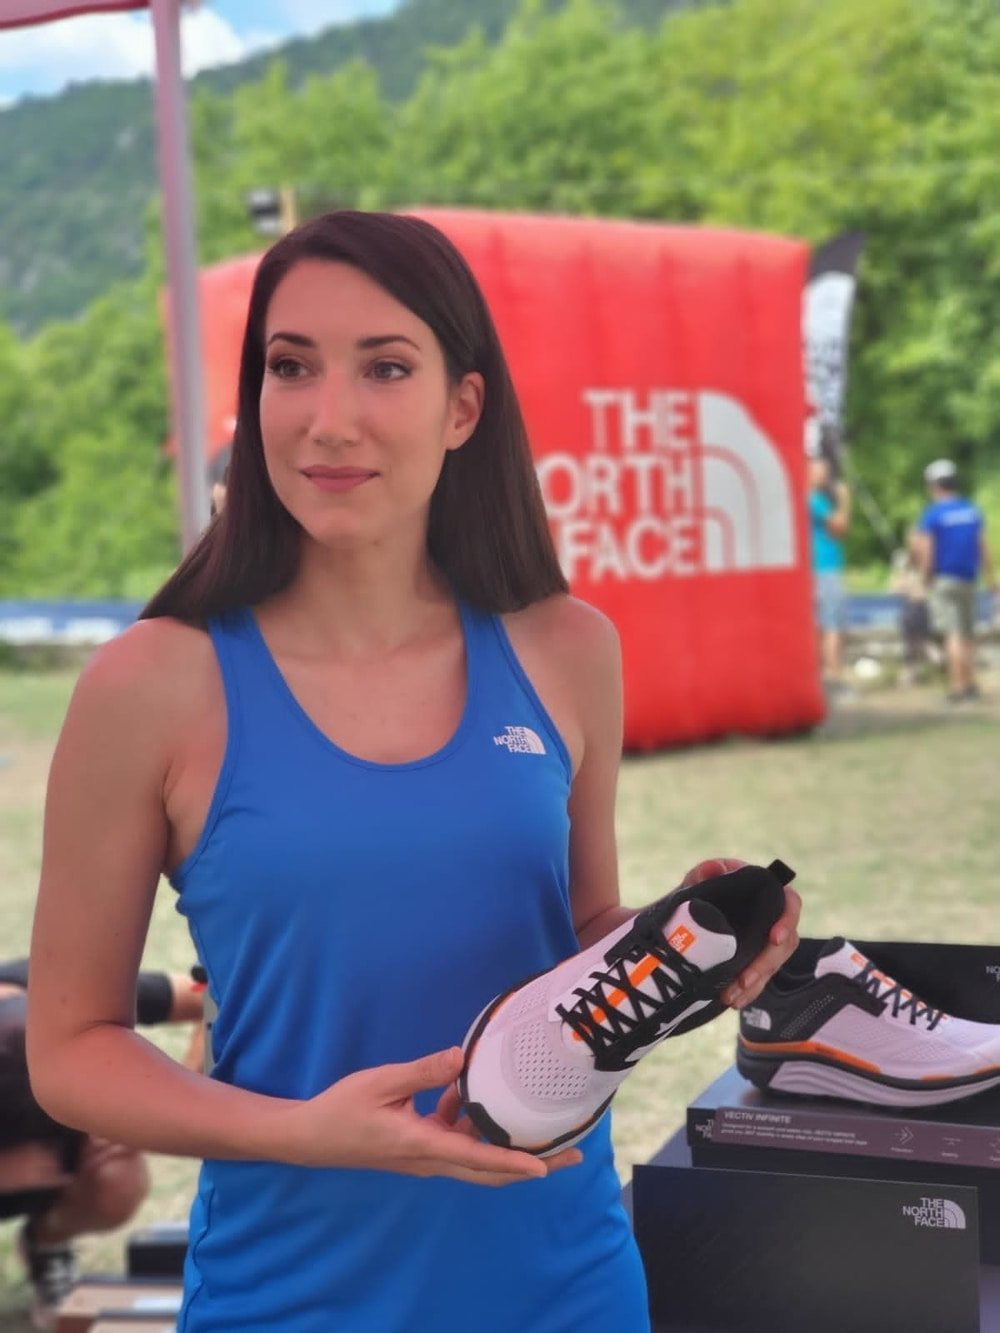 Τρέξαμε παρέα με την The North Face στο Zagori Mountain Running - itravelling.gr